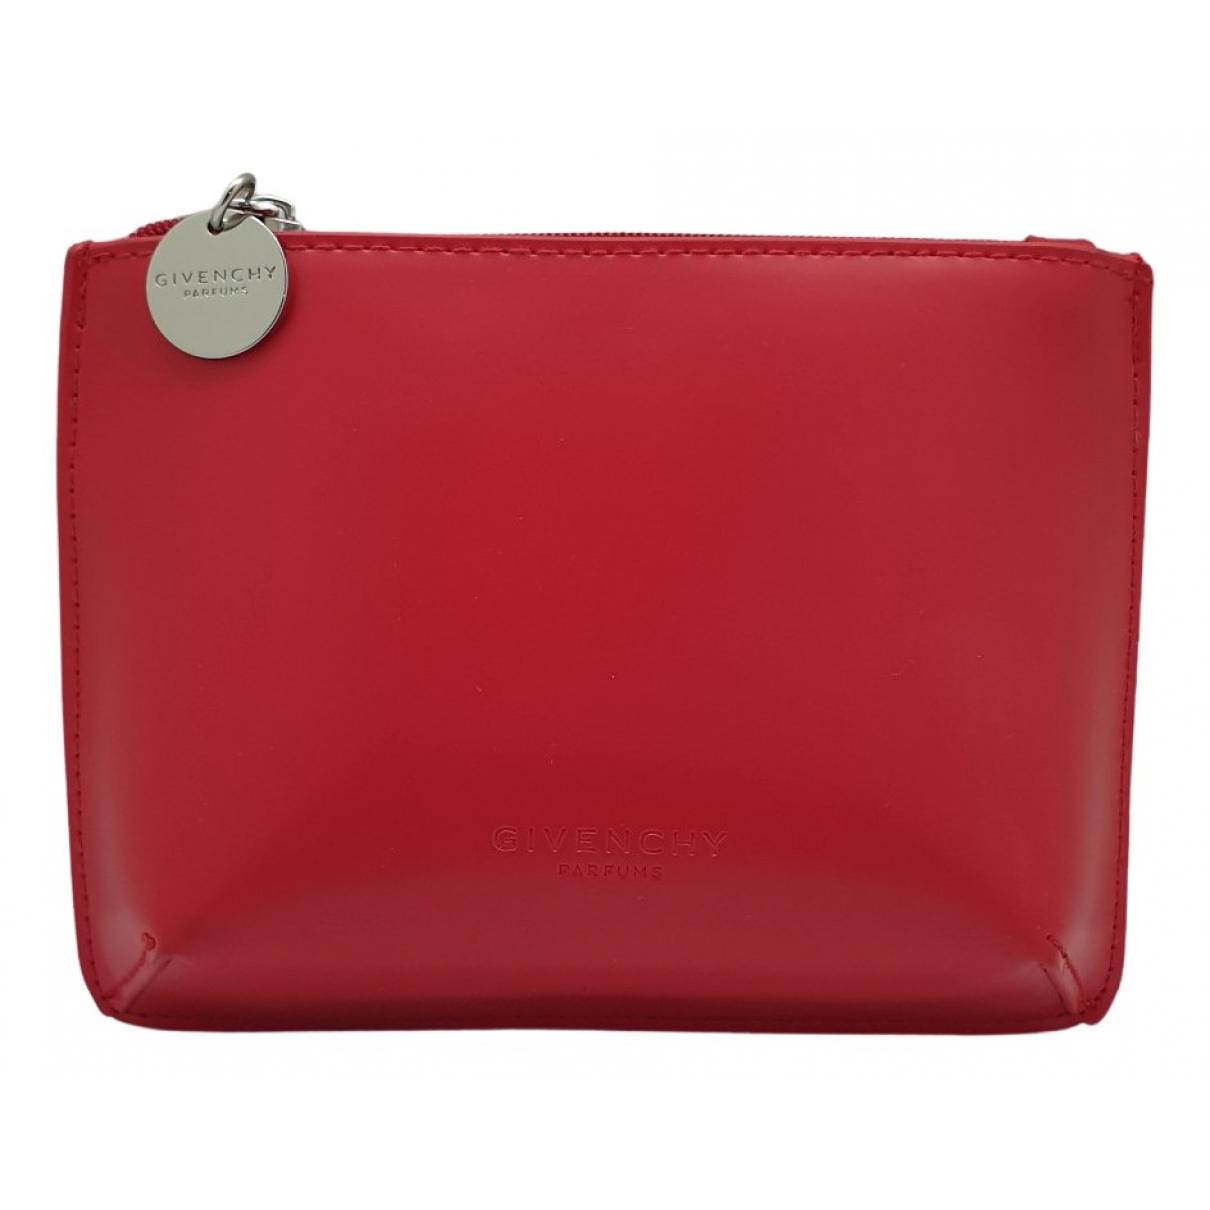 Givenchy - Sac de voyage   pour femme en cuir - rouge